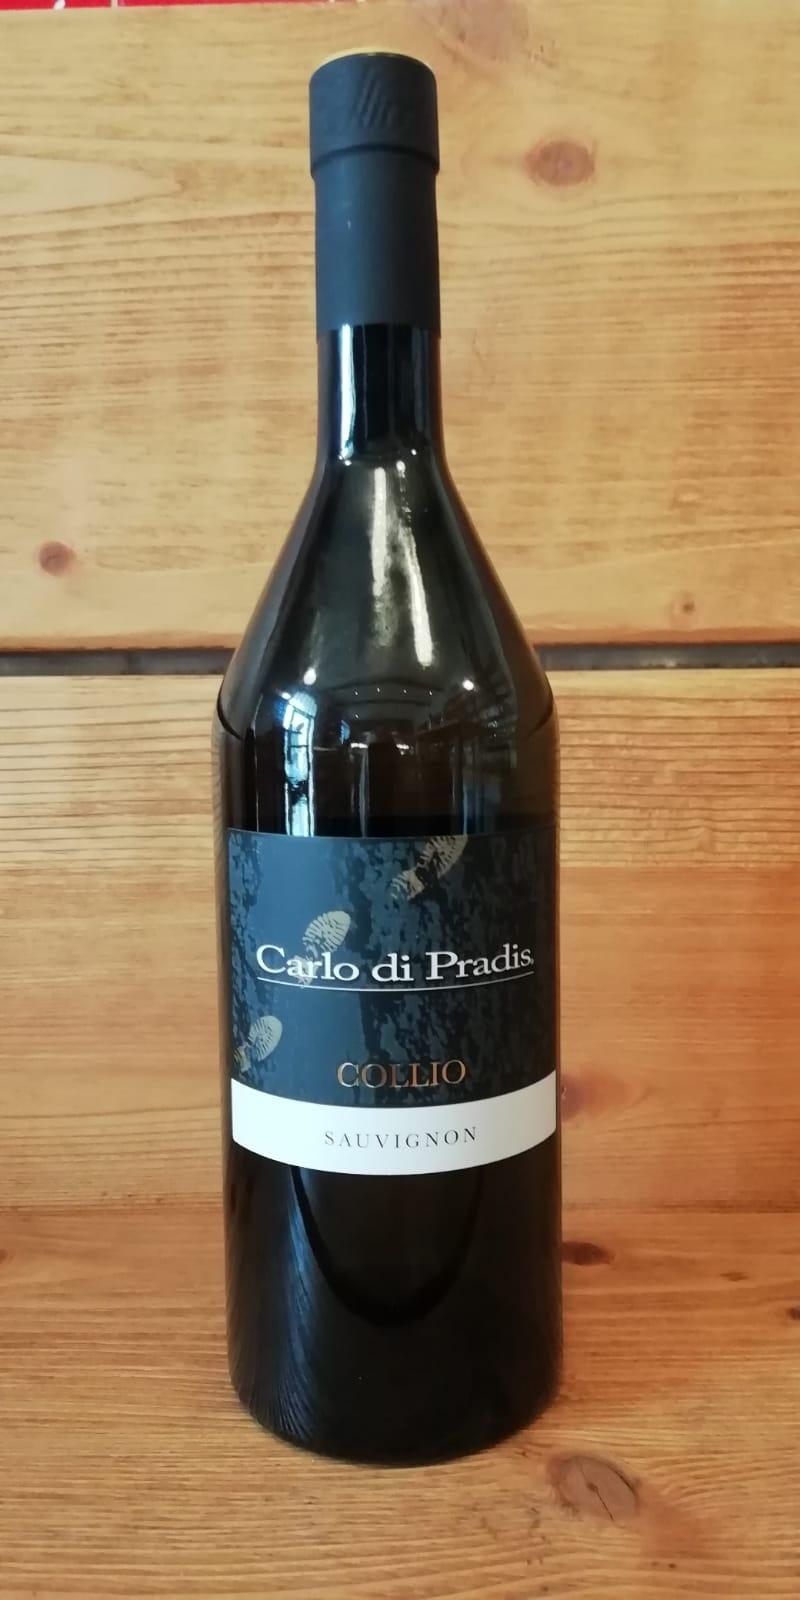 Sauvignon COLLIO - Carlo di Pradis - 2018 0,75l